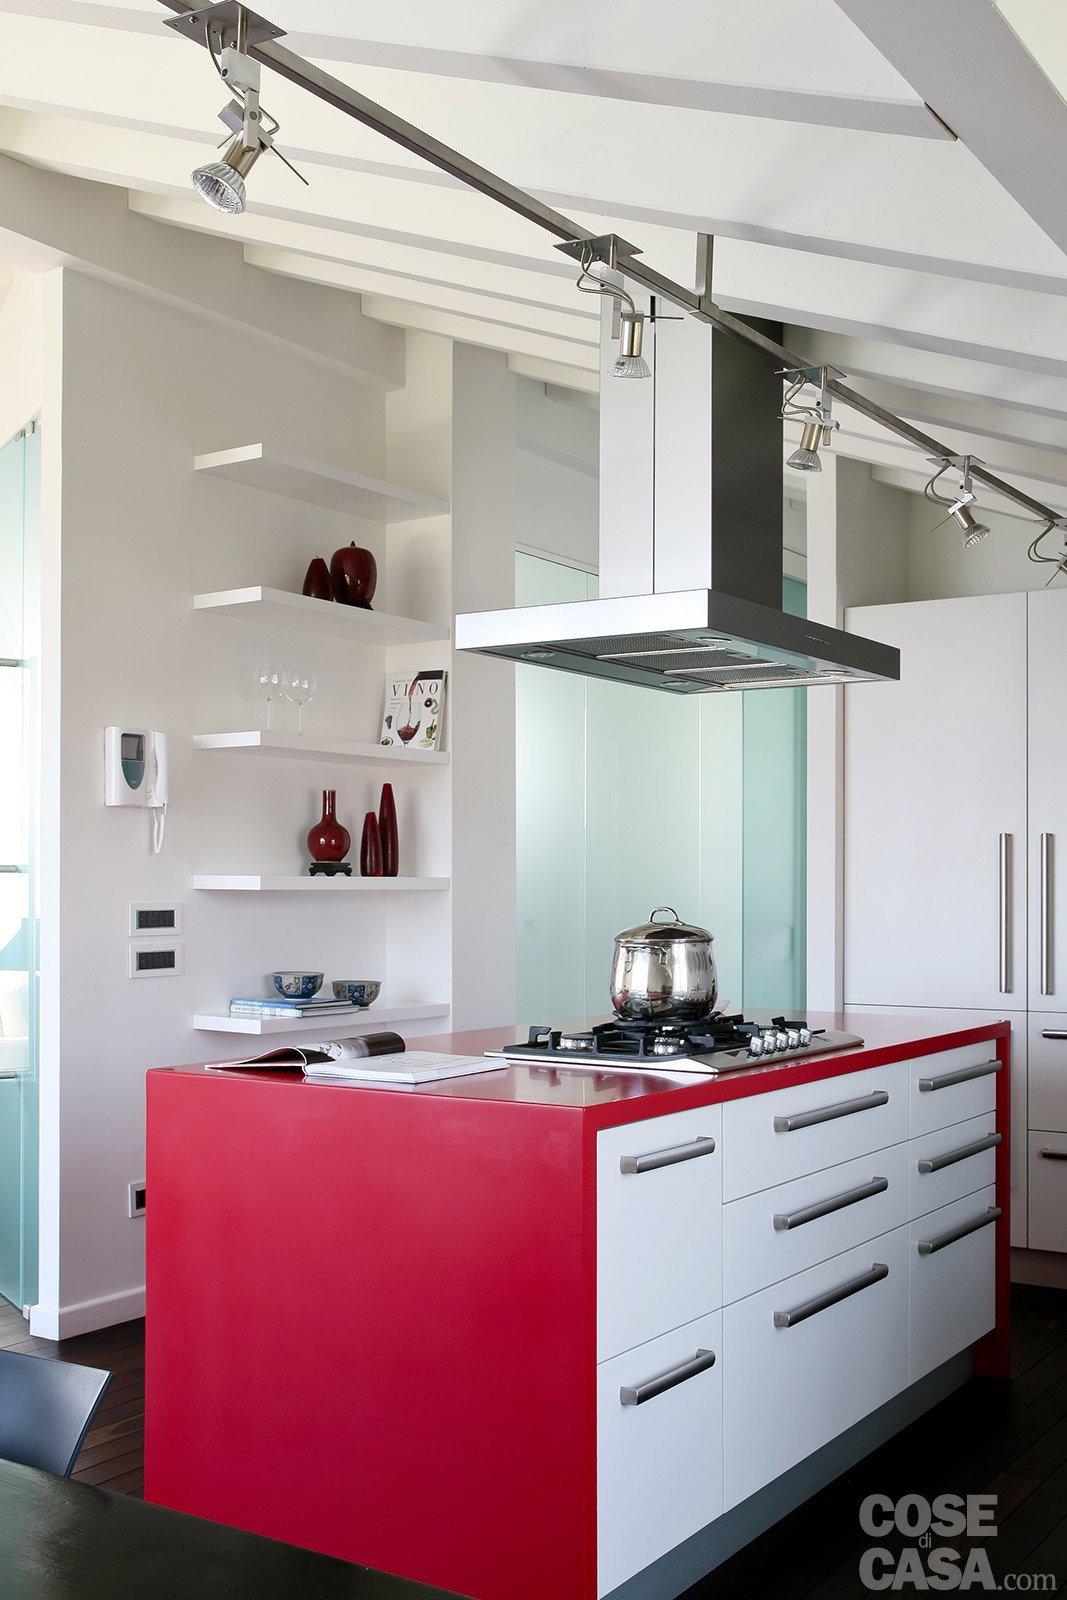 Volumi bianchi in mansarda per avere pi luce cose di casa - Furgone attrezzato con cucina ...